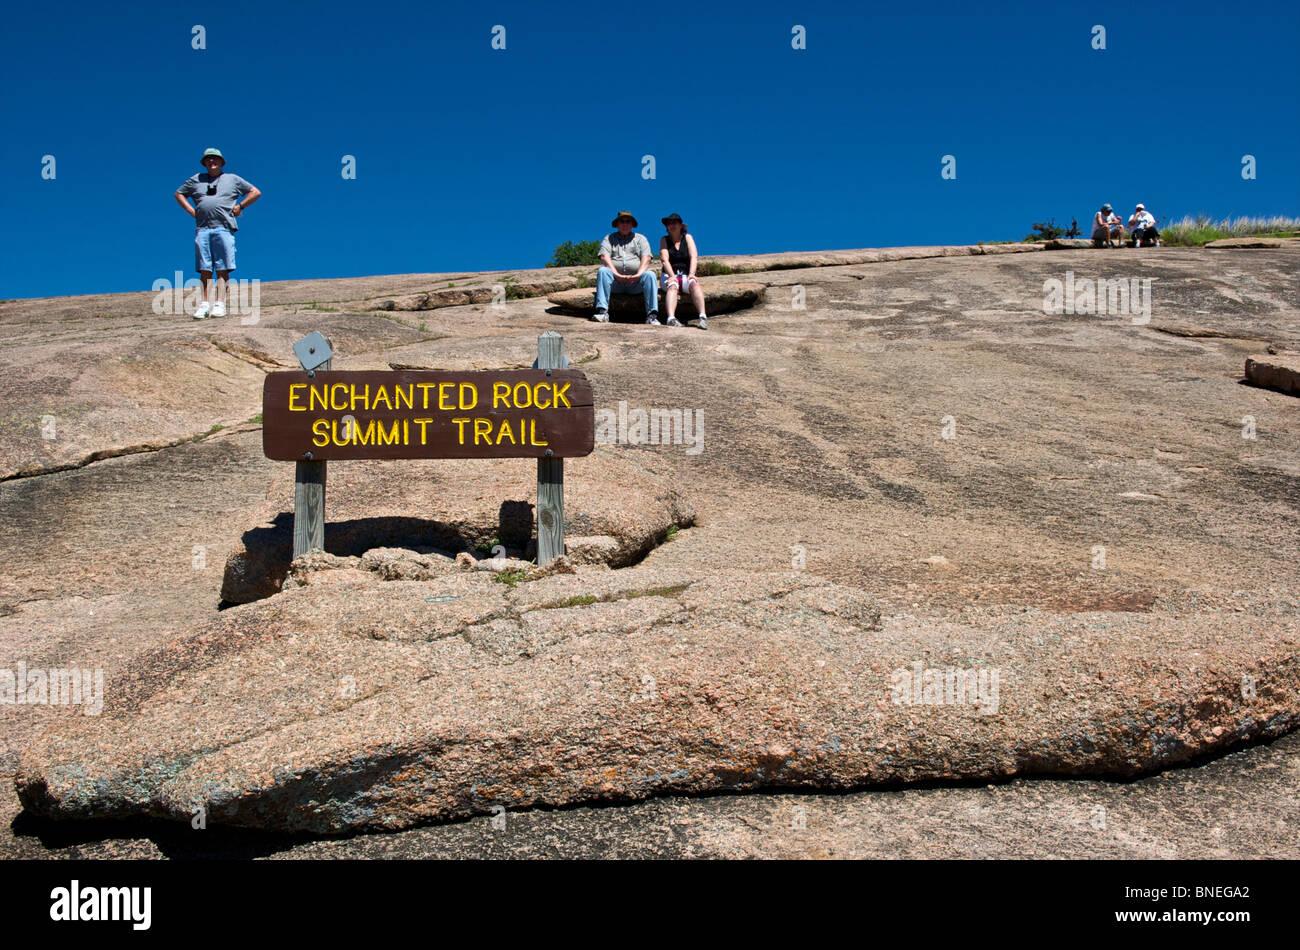 Enchanted rock signe Sentier du sommet, Texas, États-Unis Banque D'Images